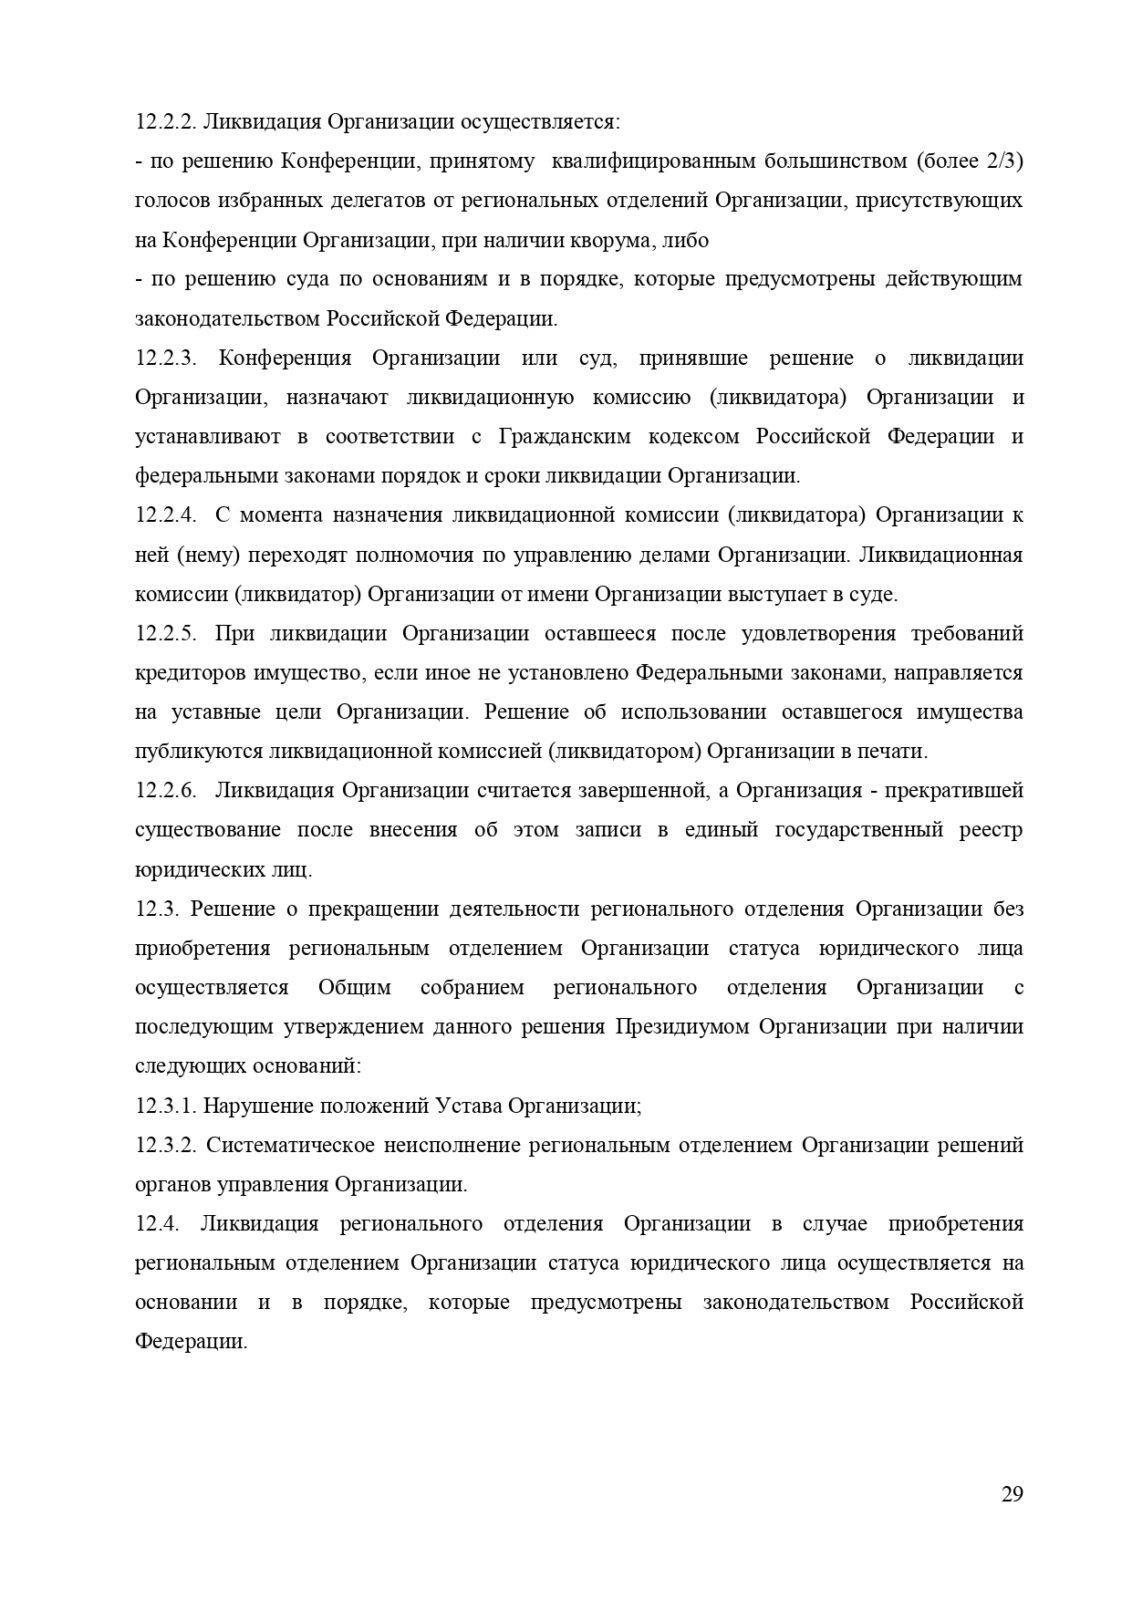 ustav_GKR_page-0029